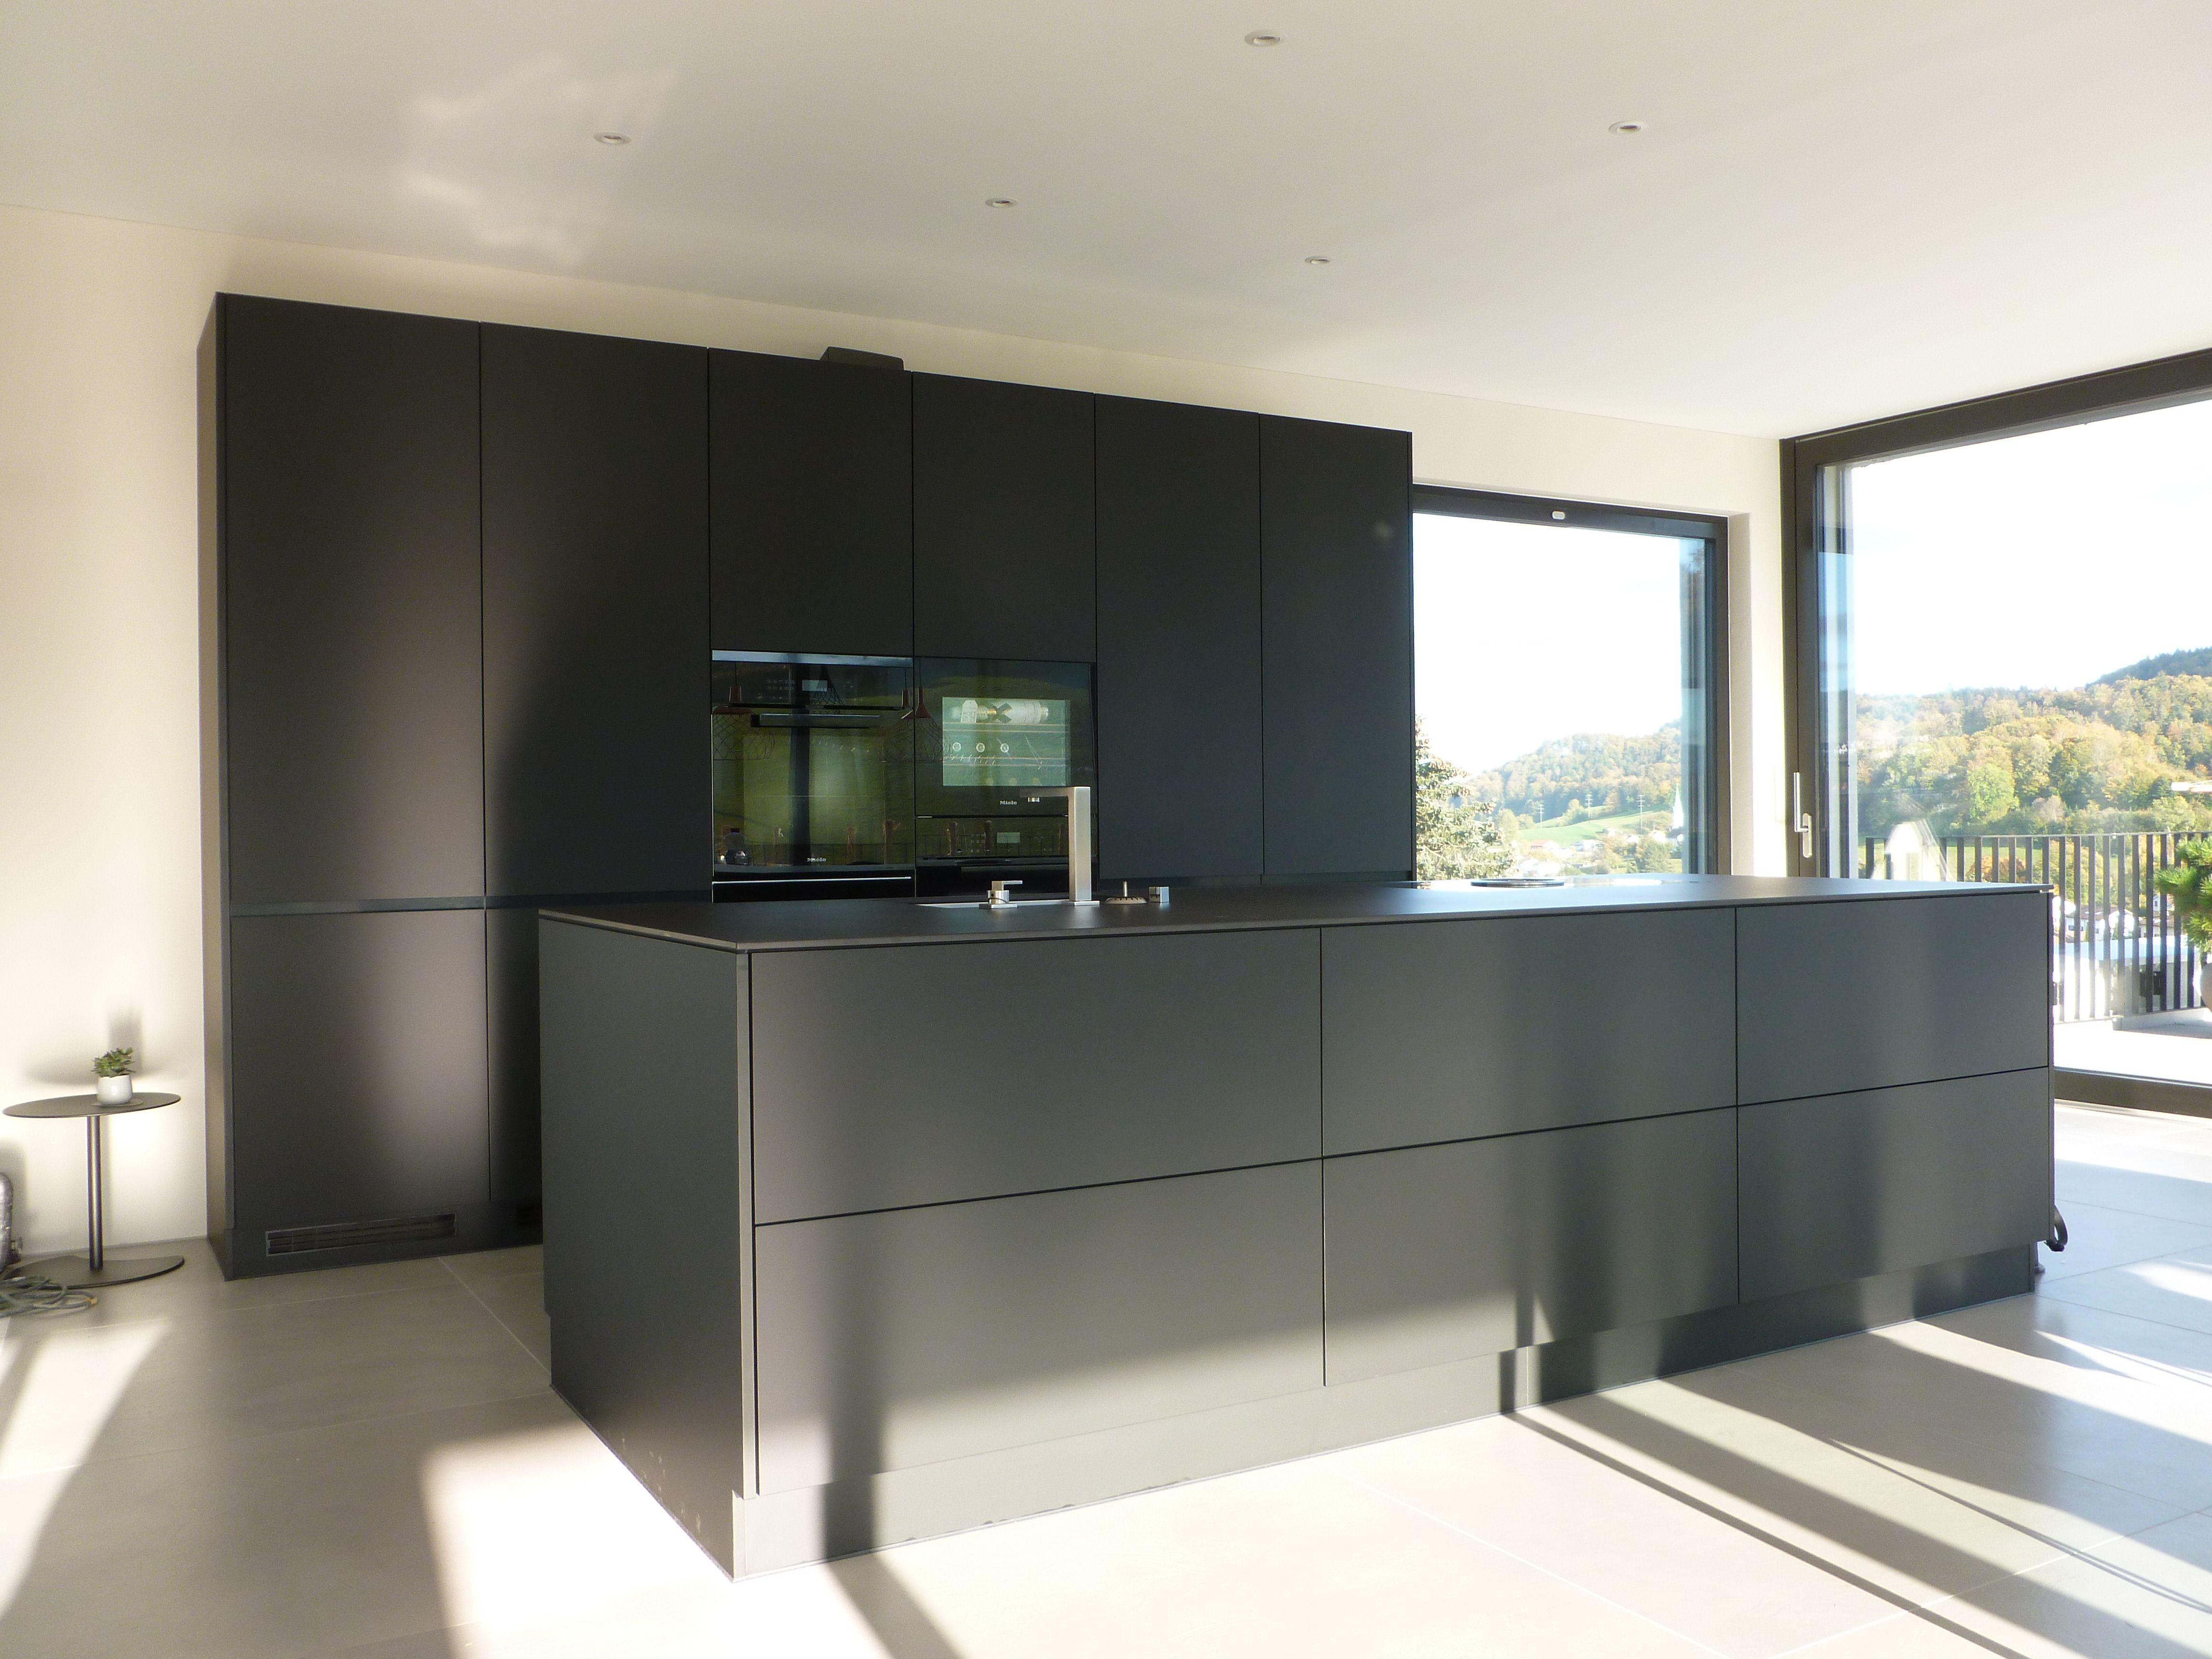 Luxusküche mit Top - Küchenapparate   kitchens in 2019 ...